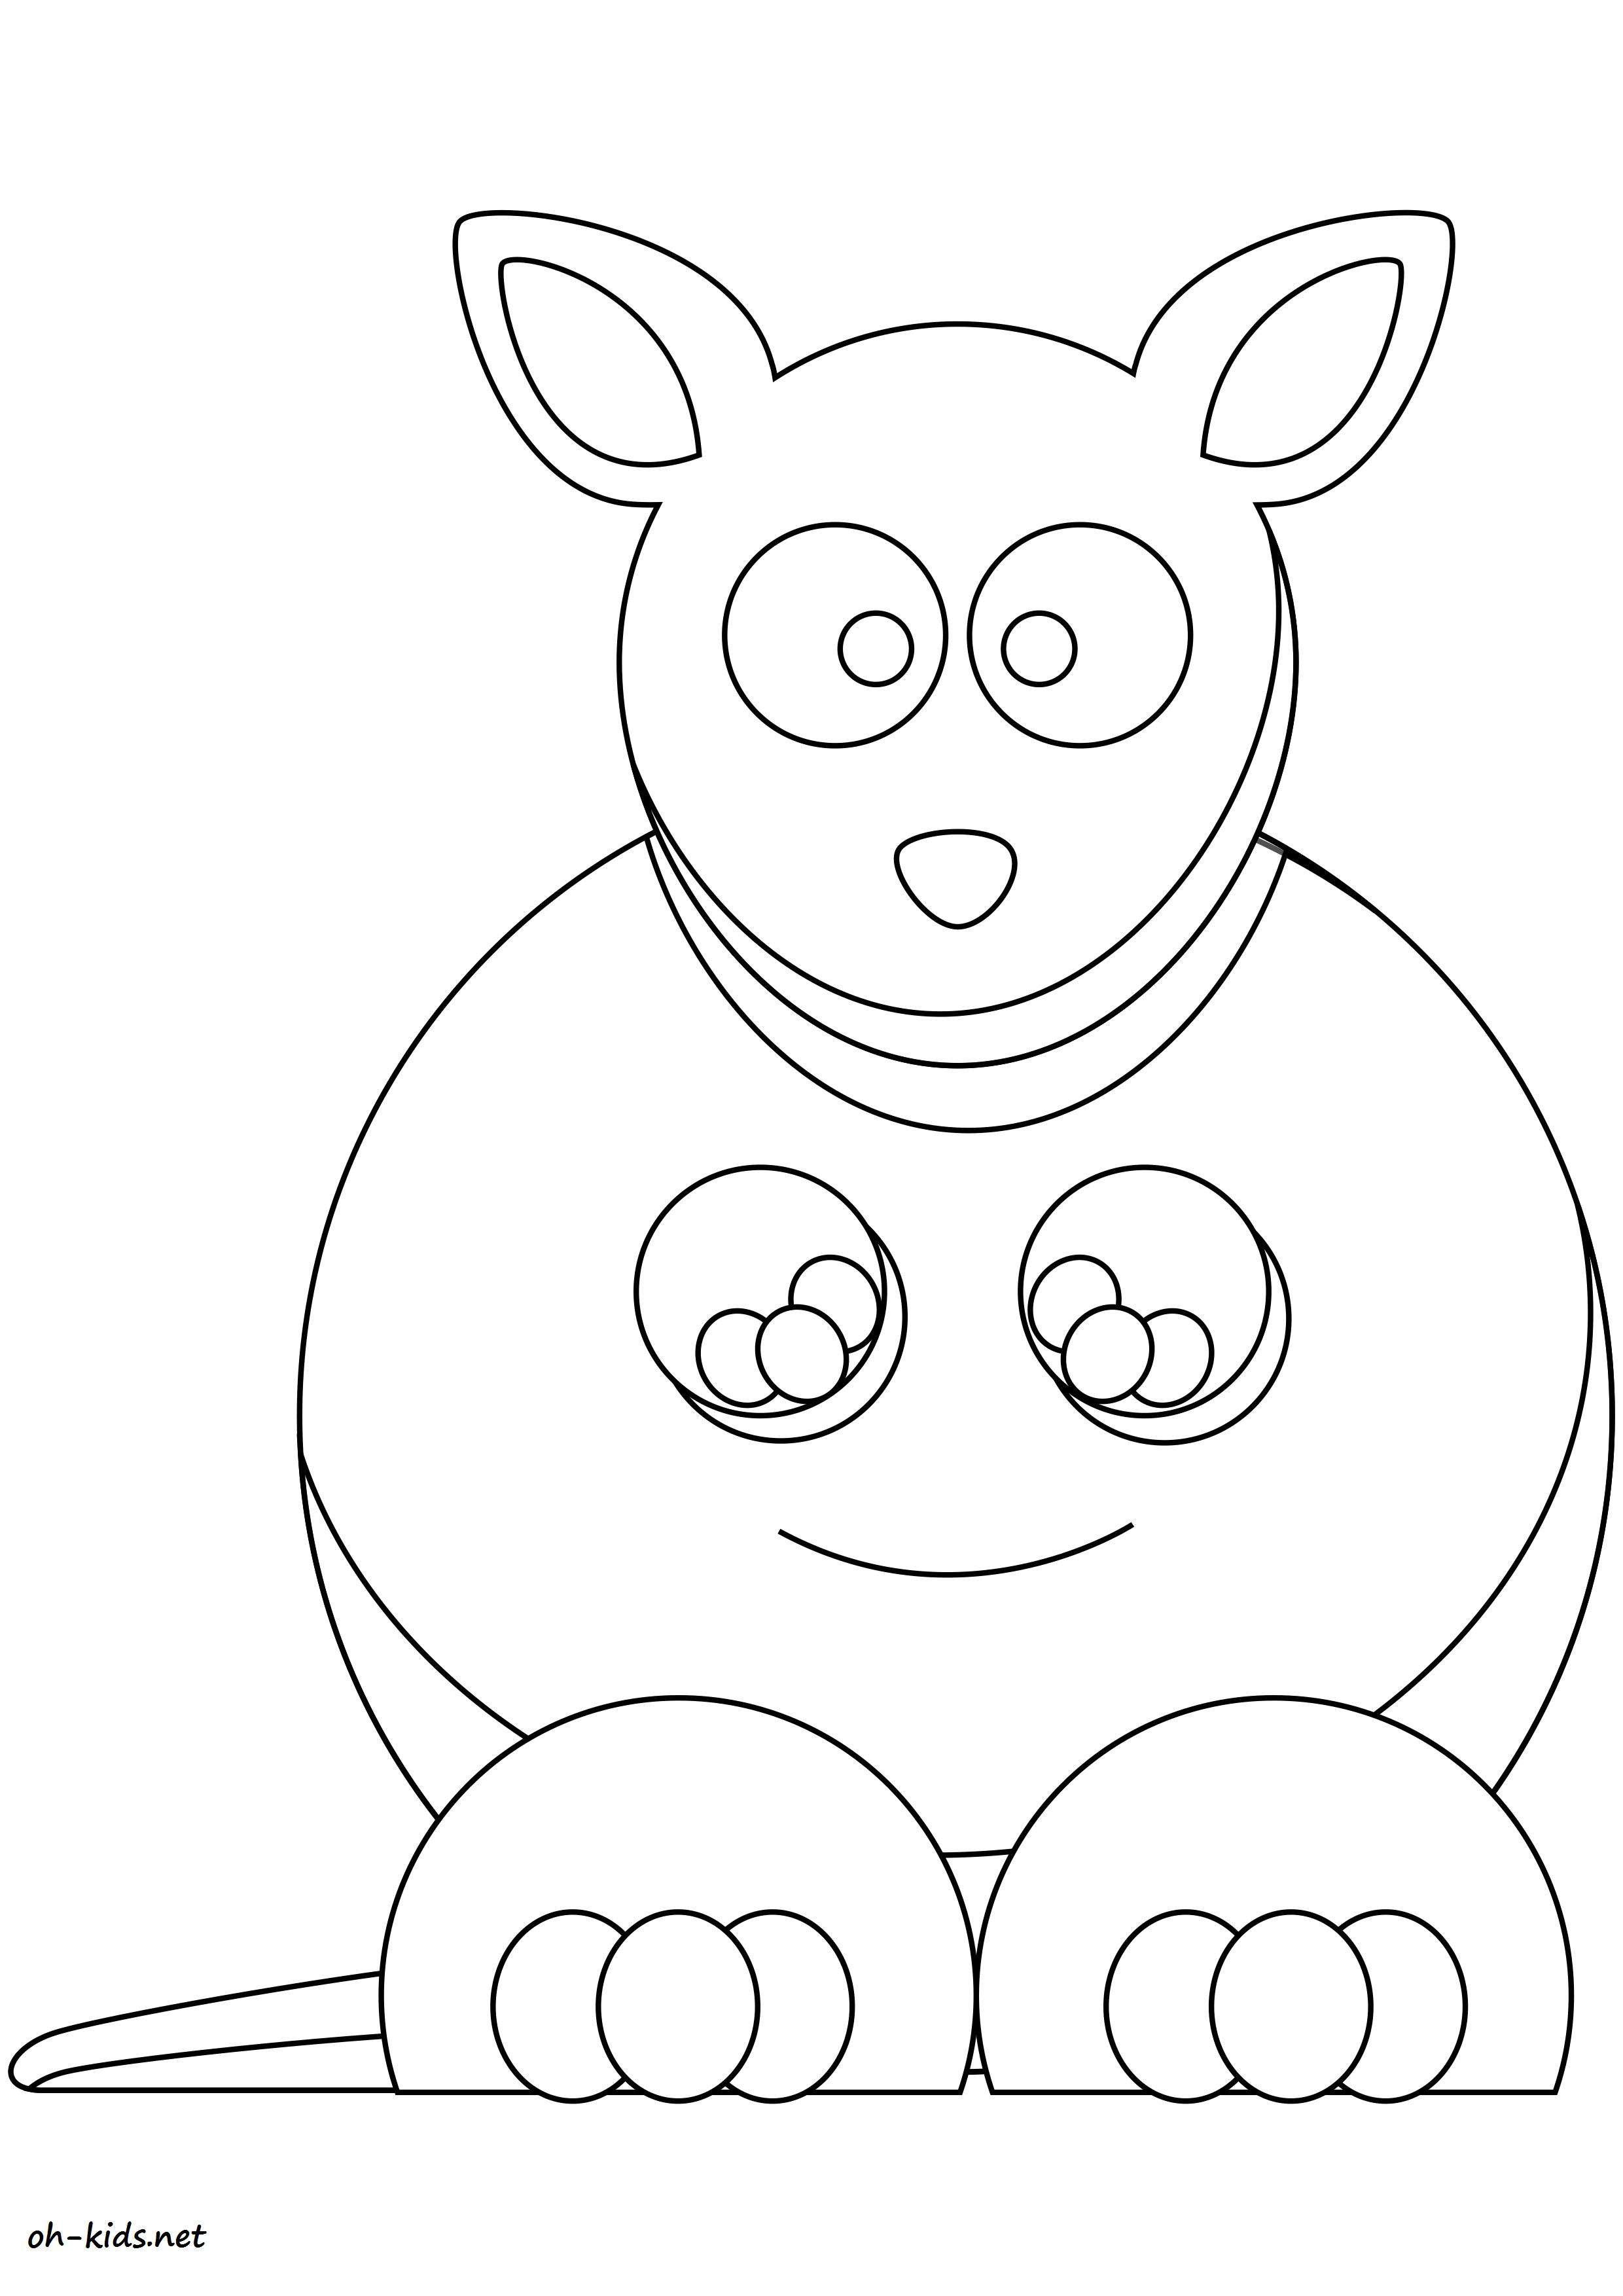 Activité de coloriage kangourou à colorier - Dessin #1624